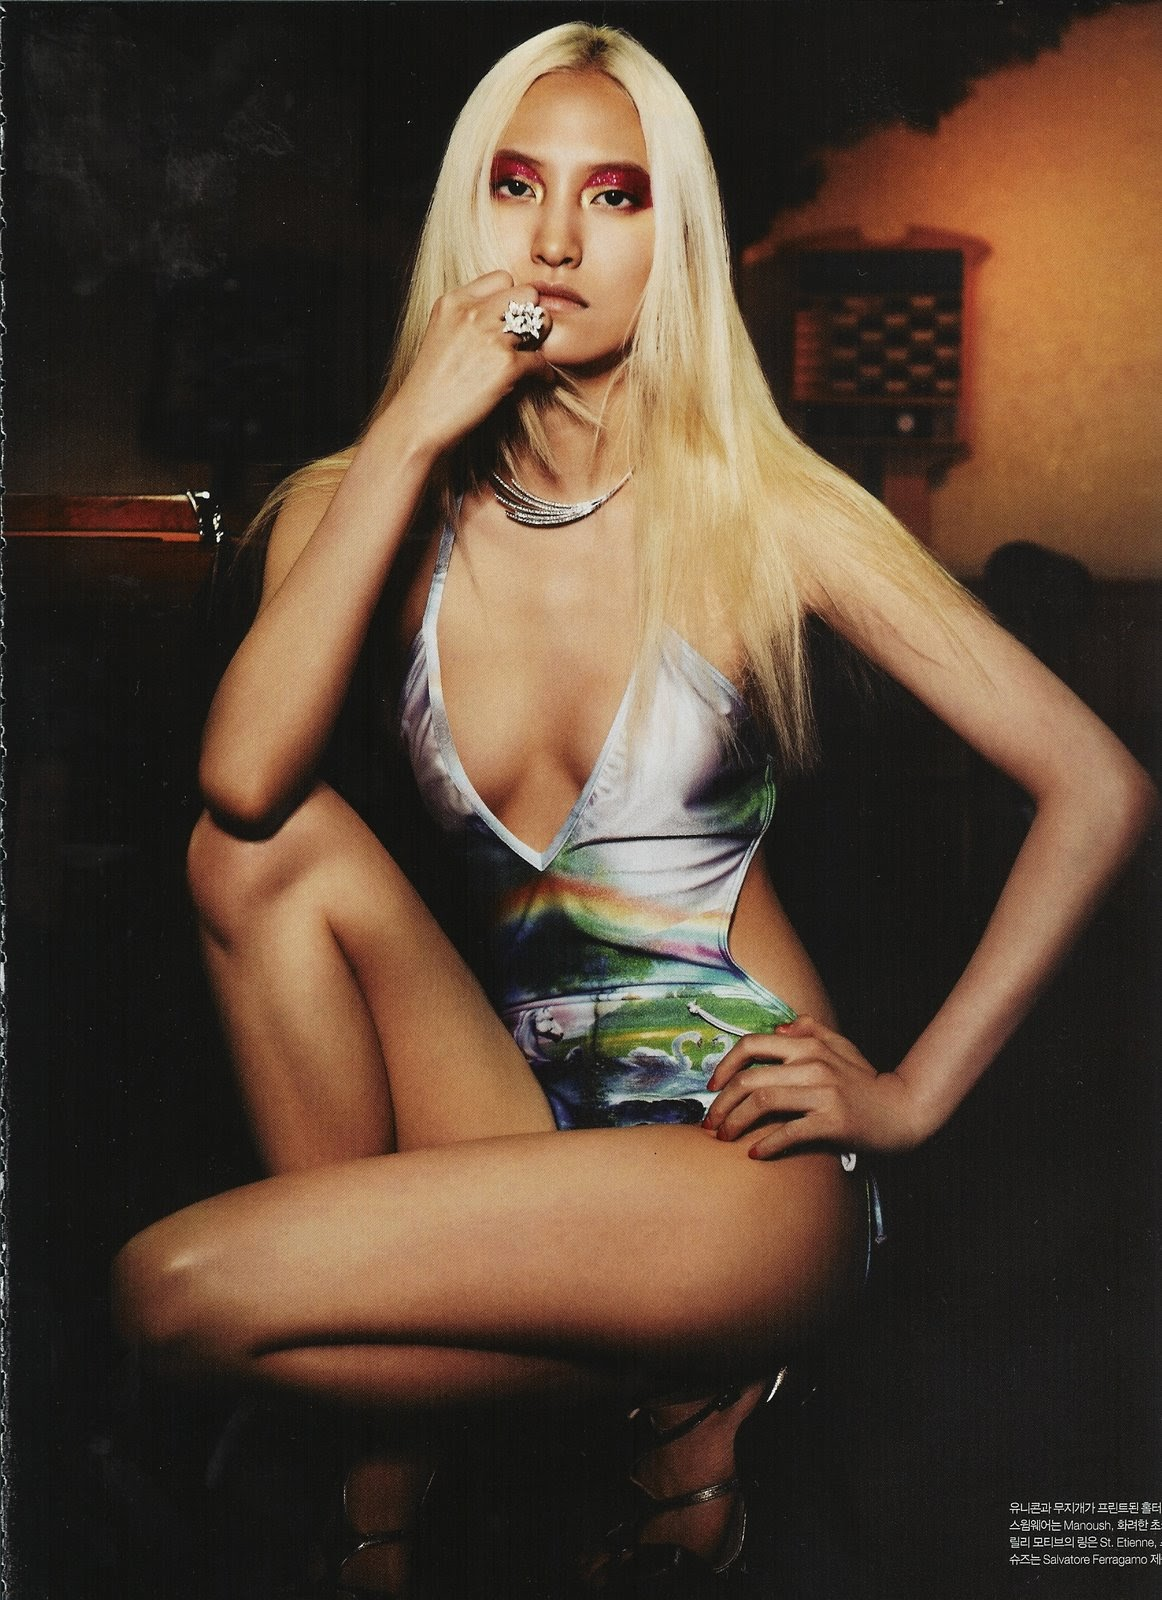 【画像】白人美女達の下着ファッショショー [無断転載禁止]©2ch.net [155736978]YouTube動画>12本 ->画像>643枚